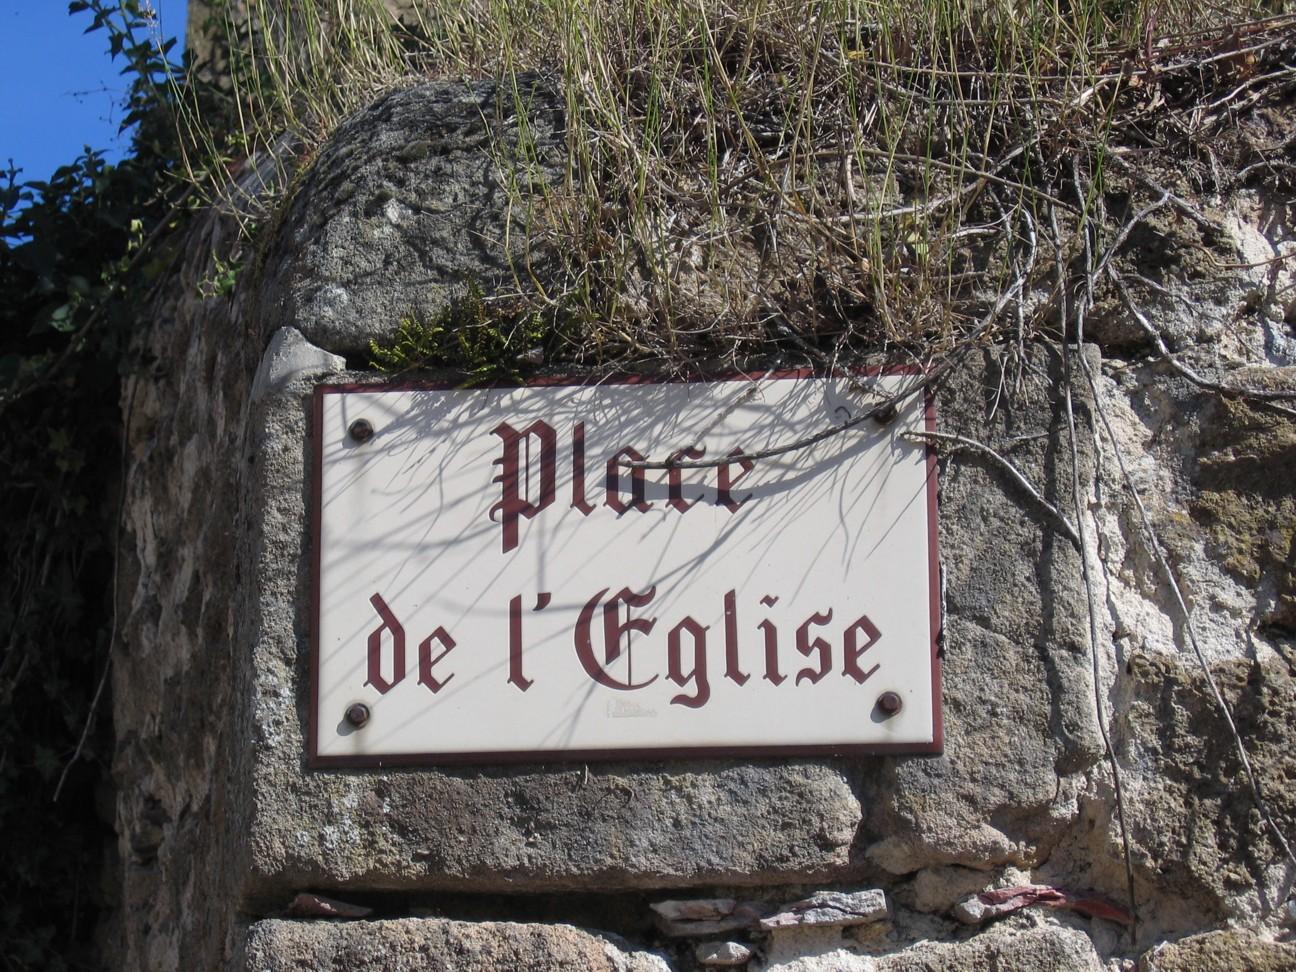 Das Schild Place de l'eglise, aufgenommen irgendwo in dem beschaulichen und schönen Périgord in Frankreich.